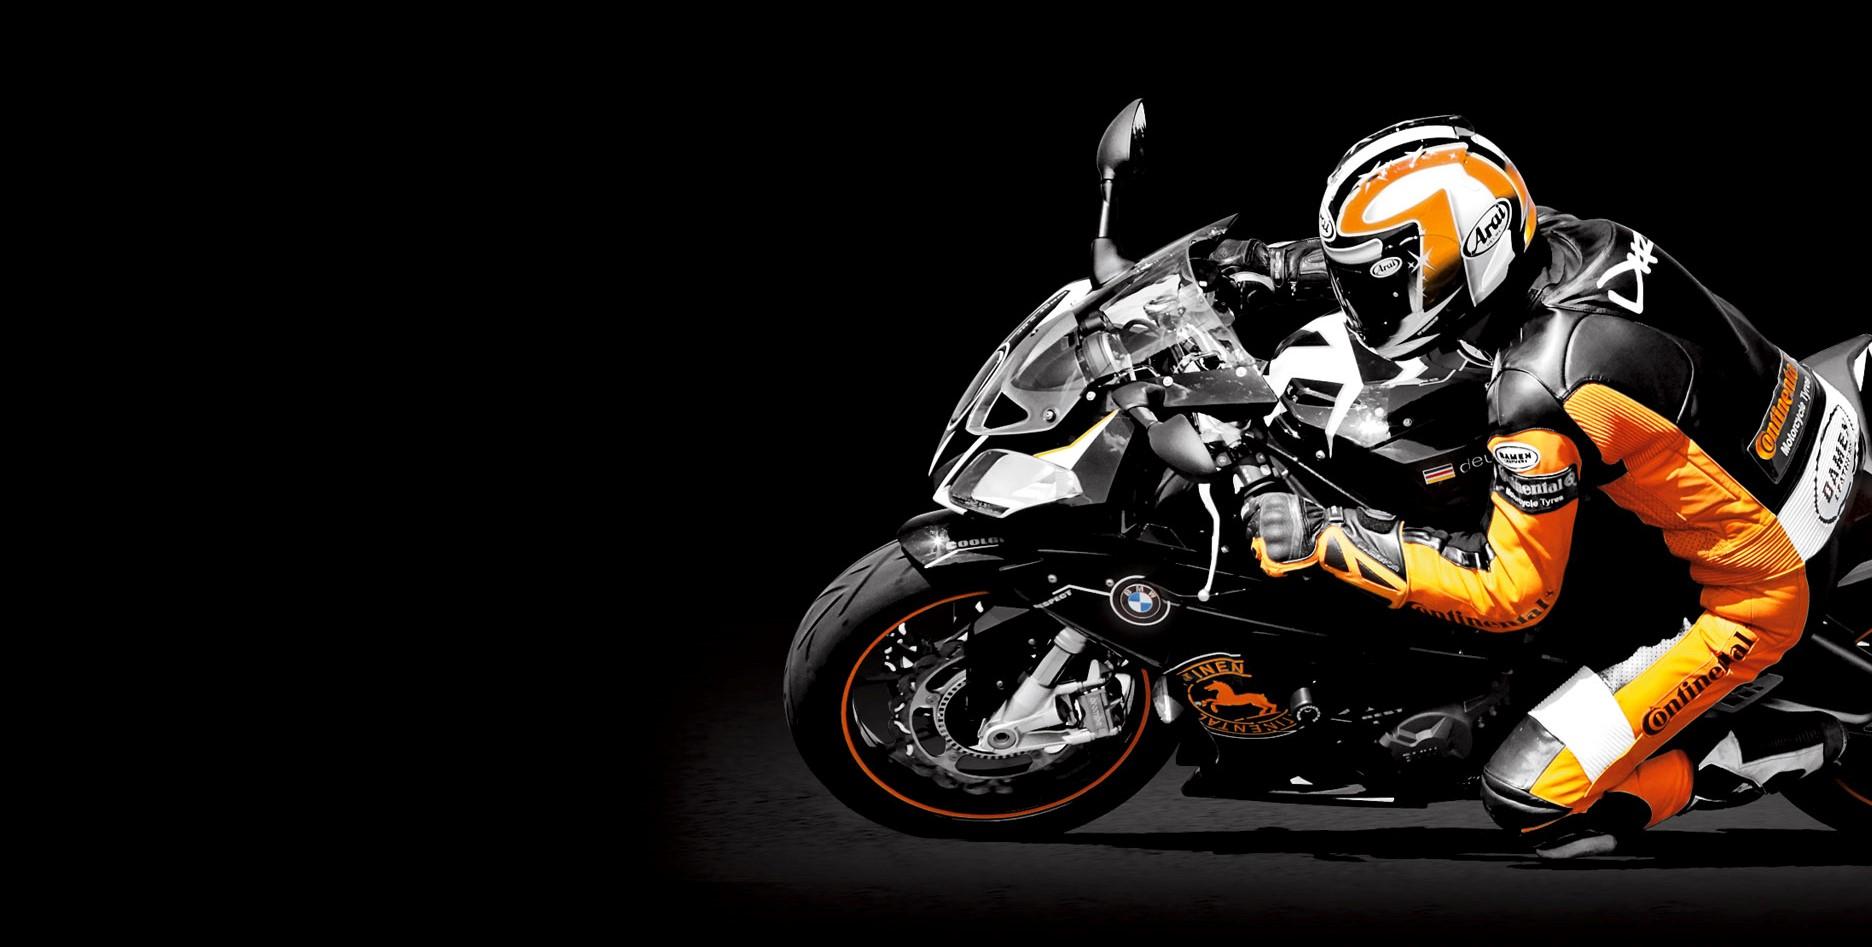 Motorcycle Desktop Wallpaper Download 1872x947